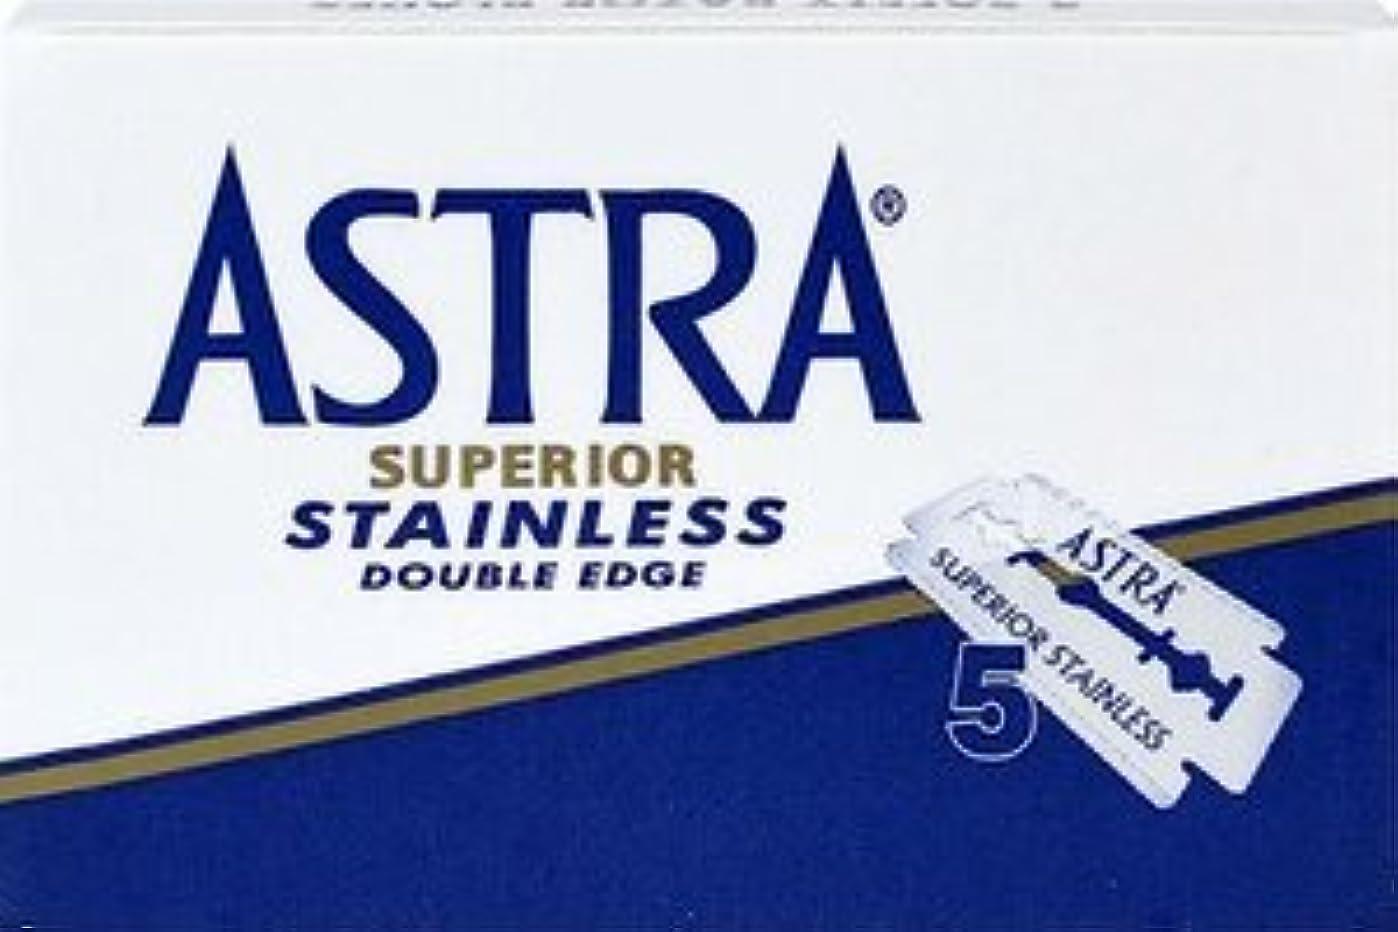 無知心理学照らすASTRA Superior Stainless 両刃替刃 5枚入り(5枚入り1 個セット)【並行輸入品】